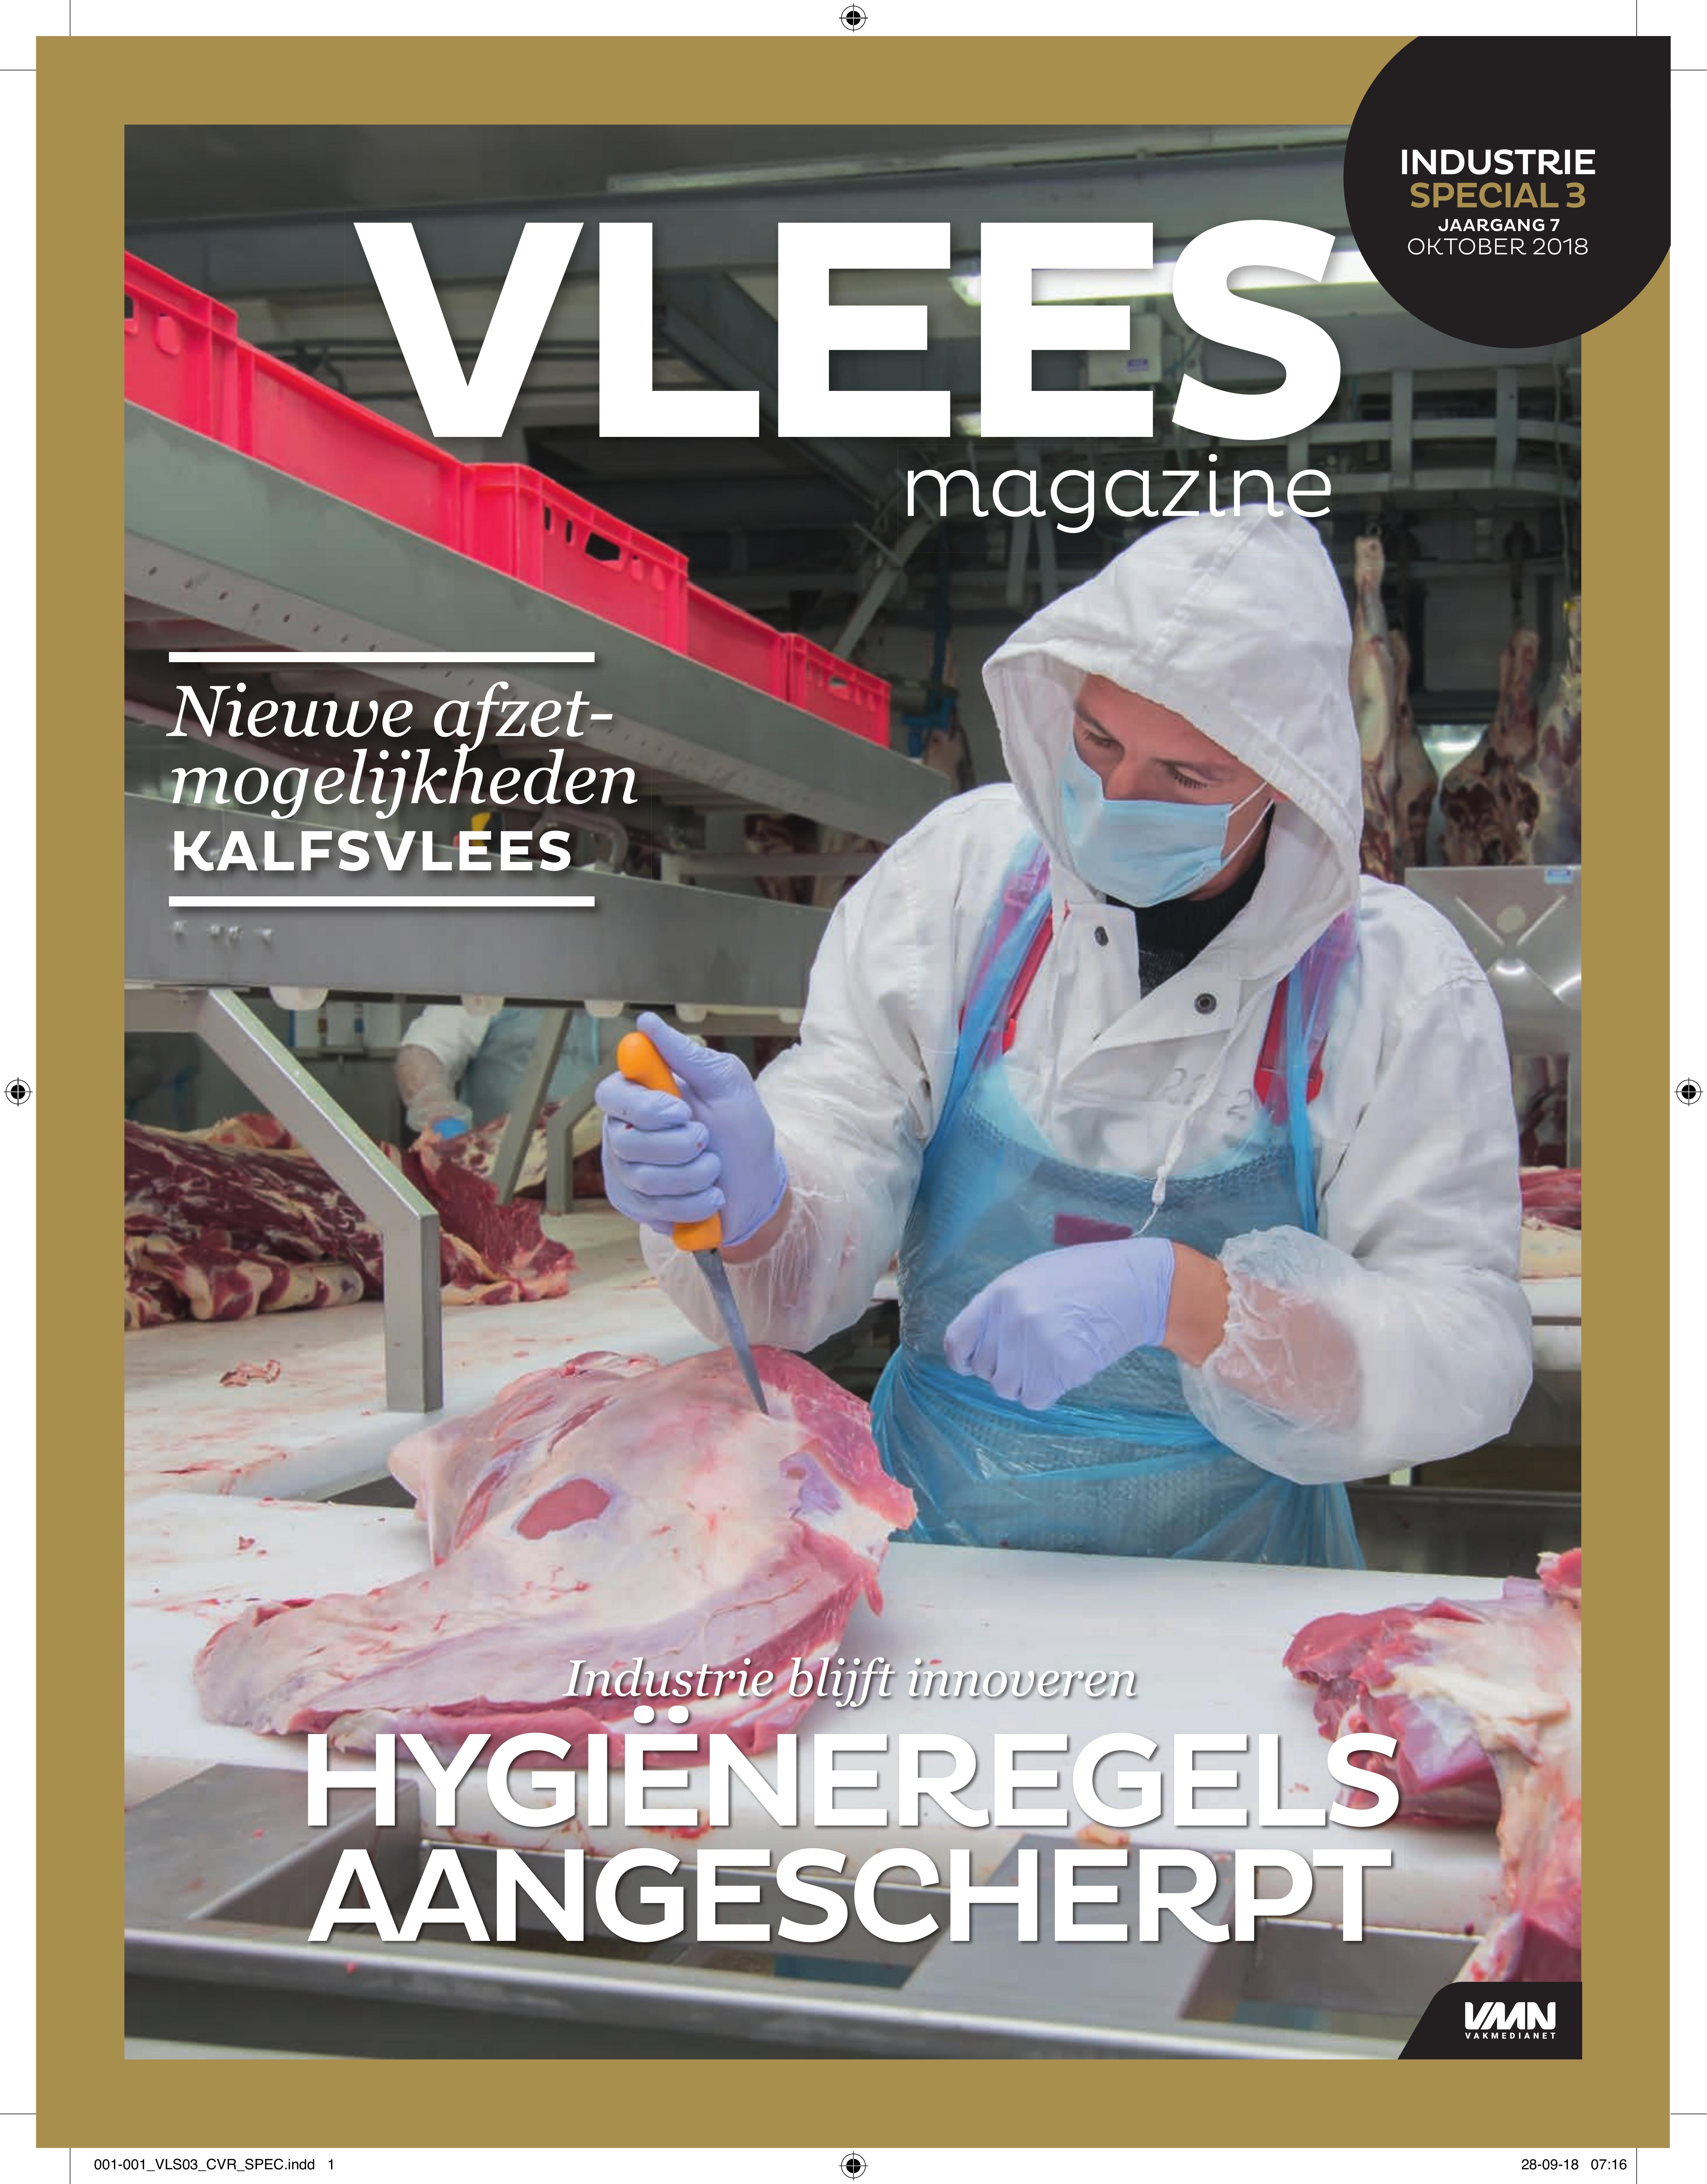 Vleesmagazine Industriespecial nummer 3 2018